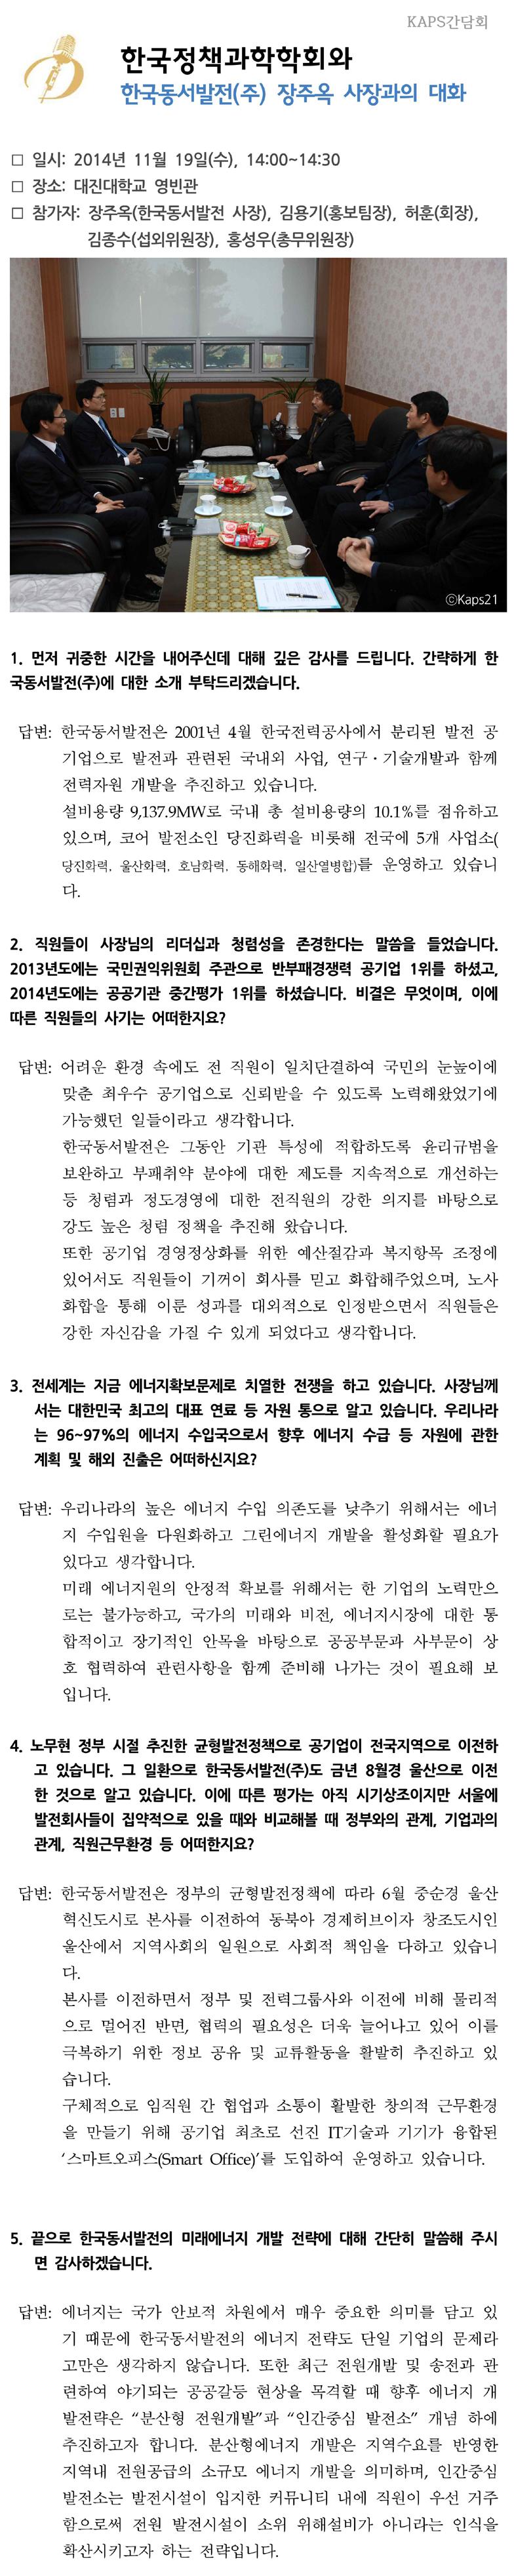 한국정책과학학회-동서발전사장 간담회-20141126_img.jpg